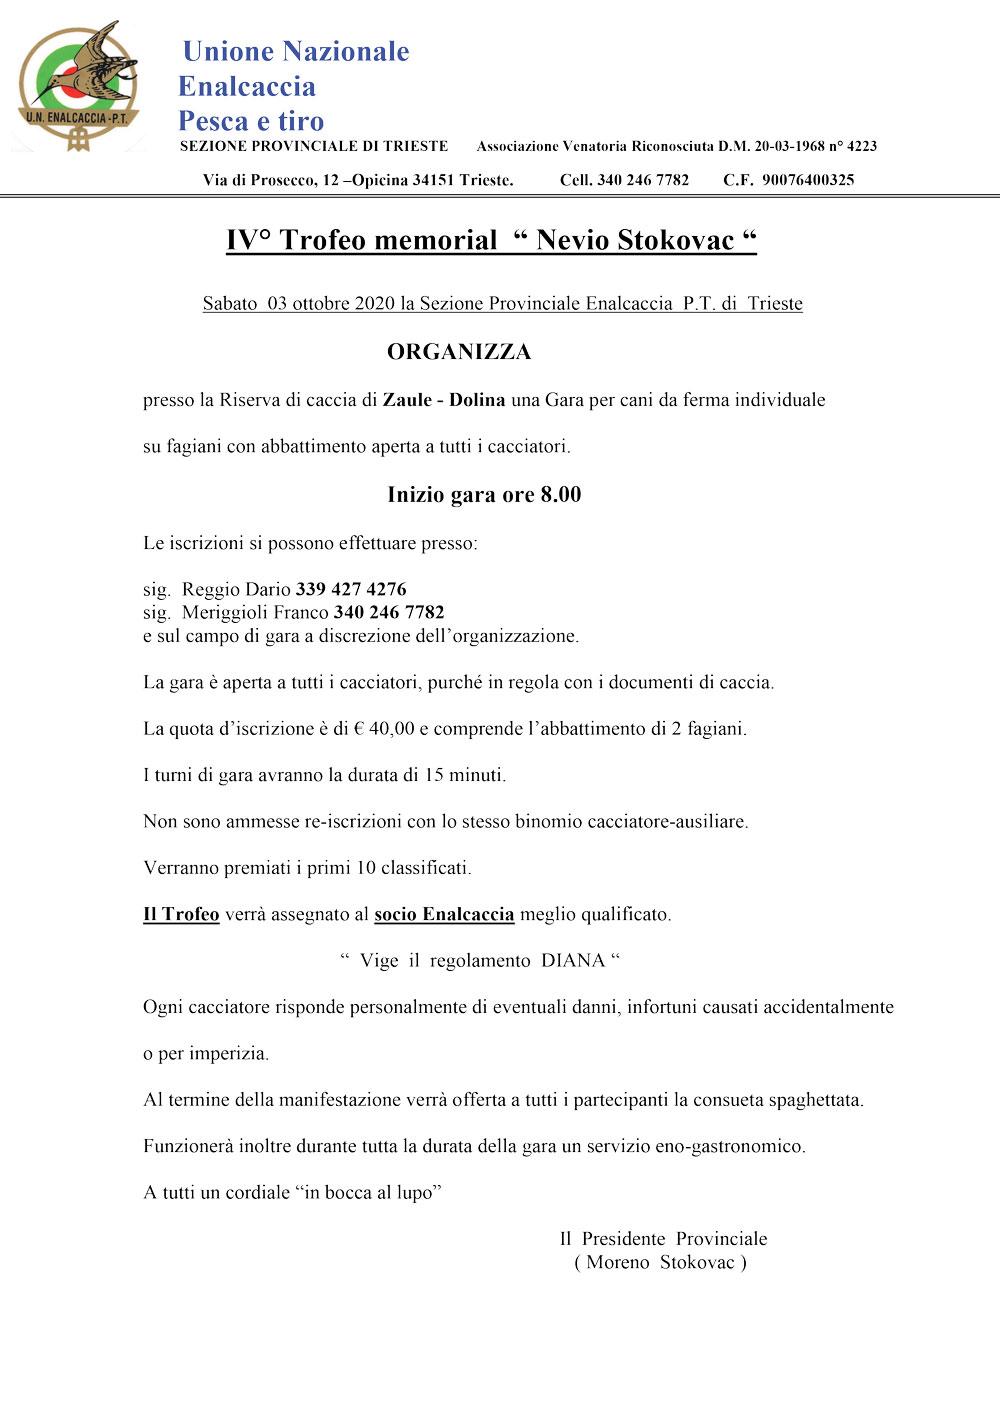 """IV° Trofeo memorial """" Nevio Stokovac """""""